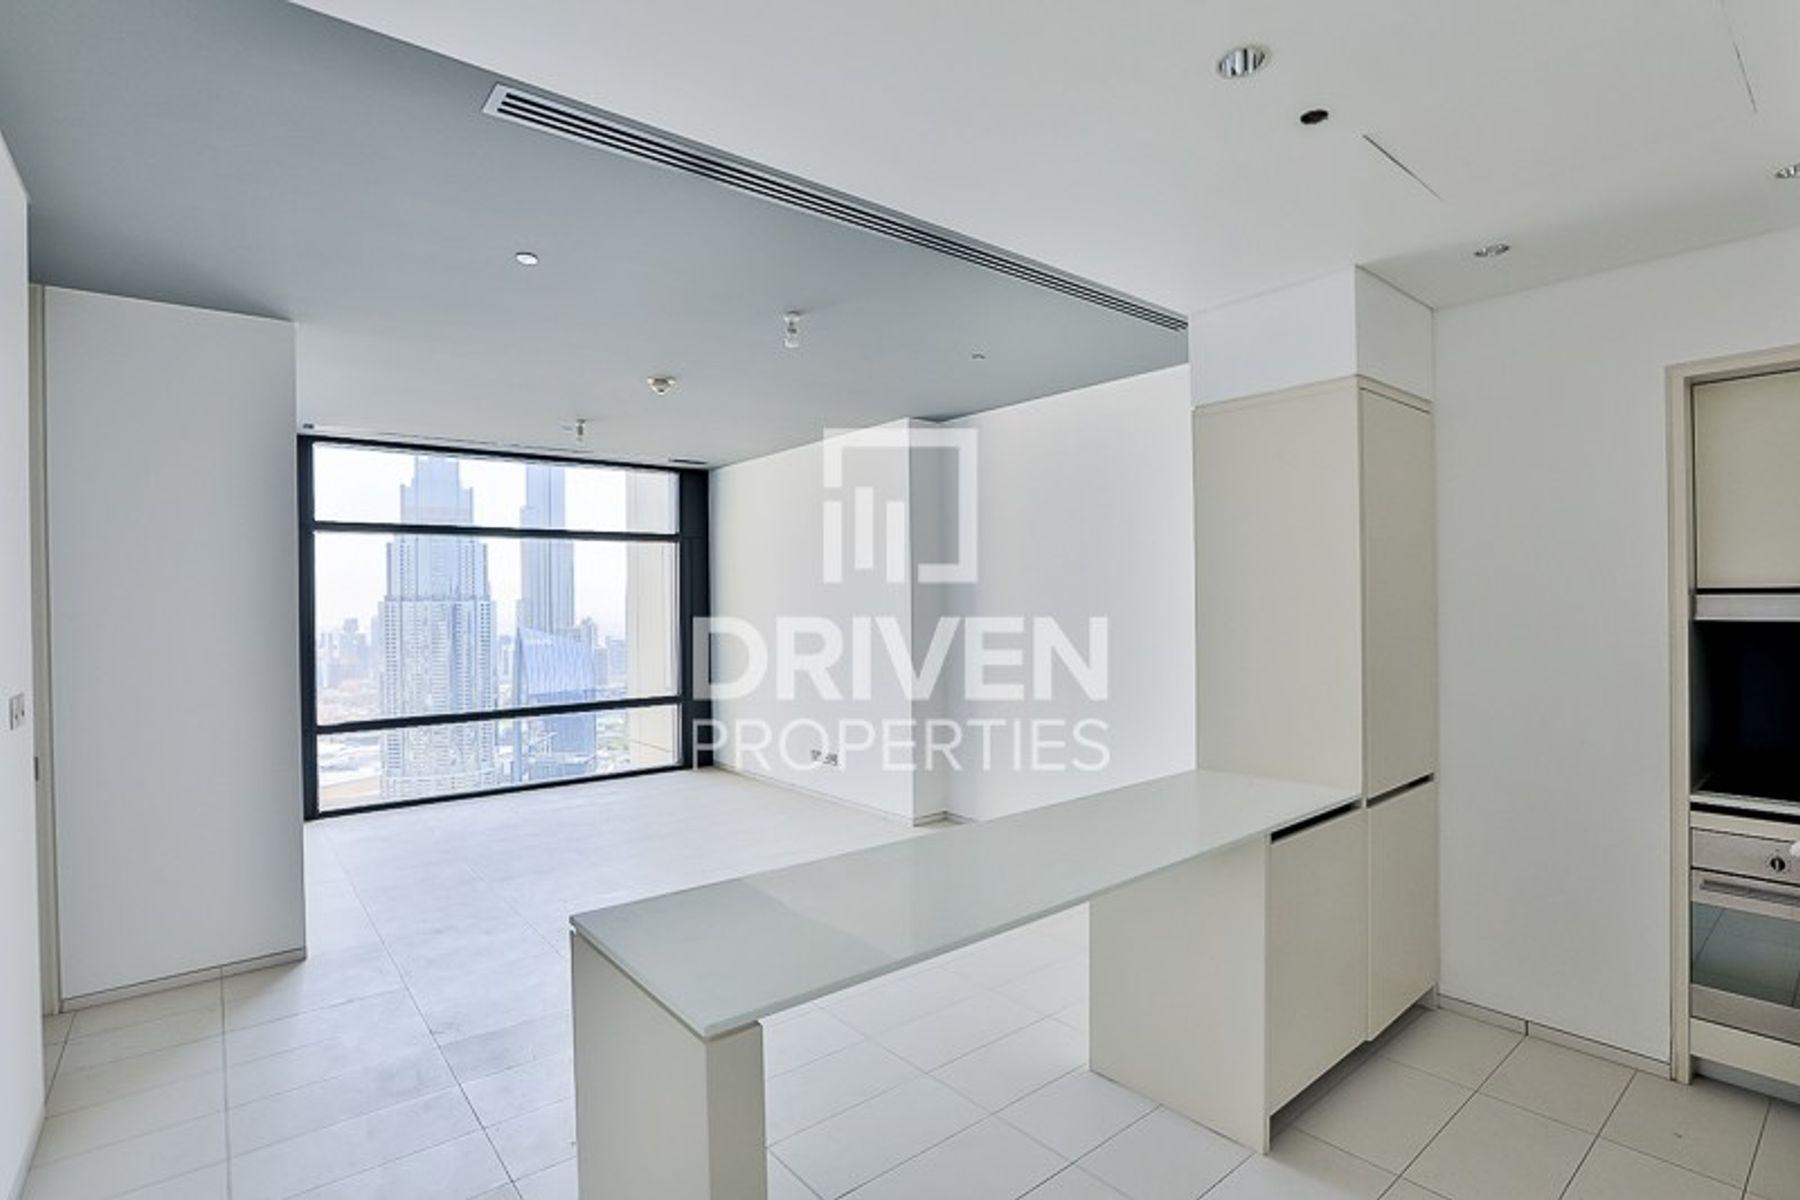 للايجار - شقة - برج إندكس, مركز دبي المالي العالمي